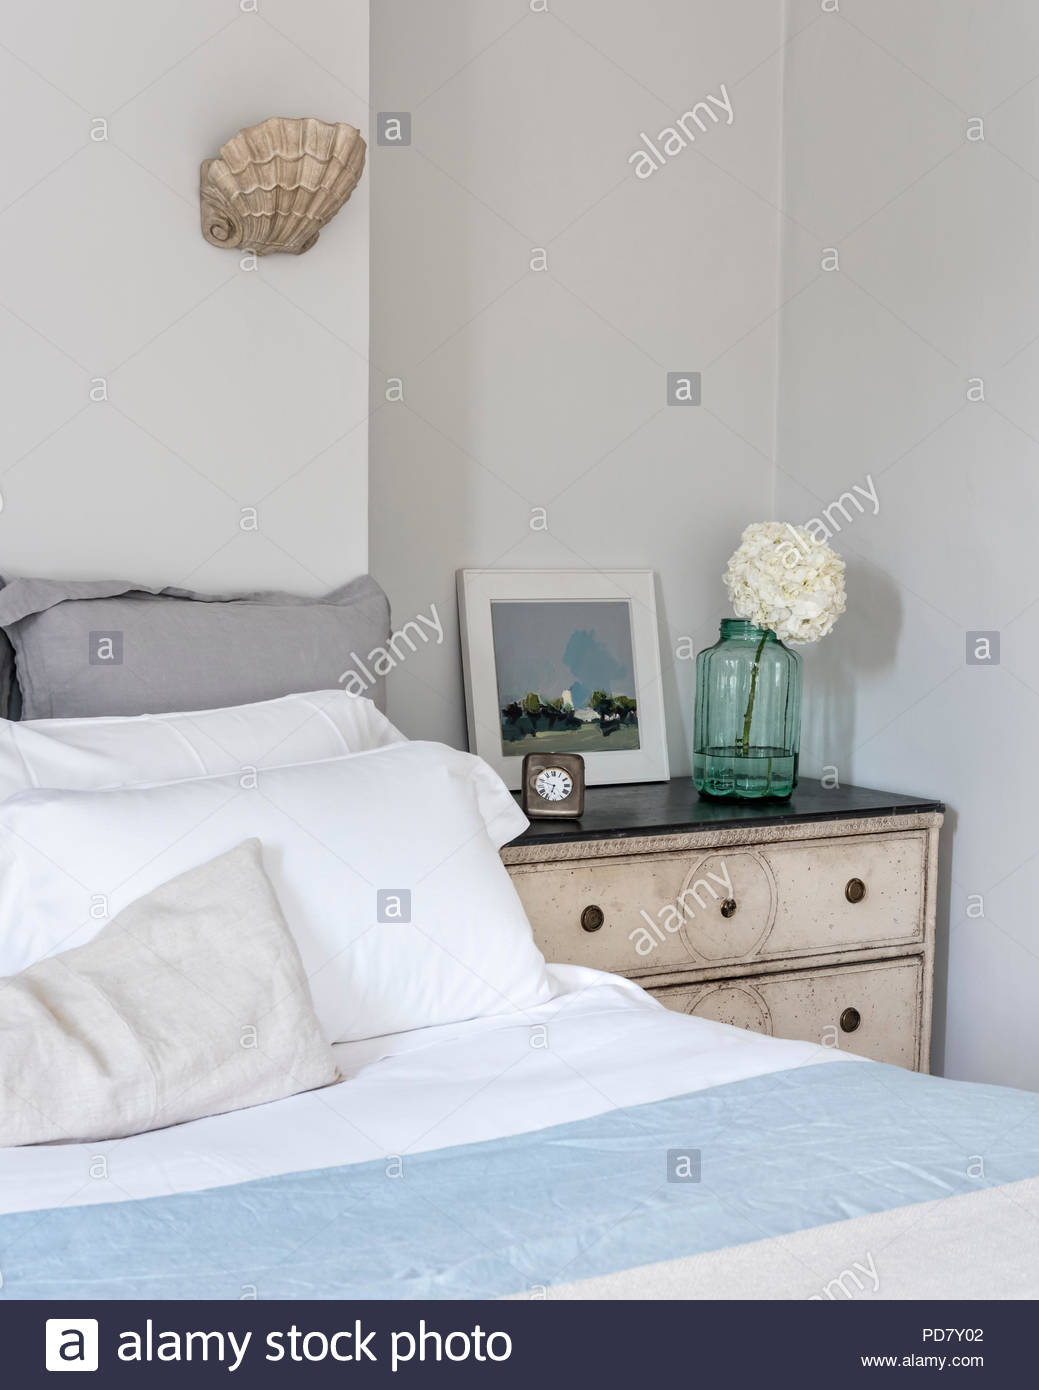 Full Size of Elegantes Schlafzimmer Mit Fensterlden Und Jakobsmuschel Komplett Massivholz Wandlampe Weißes Schrank Sessel Rauch Wandtattoos Regal Kommoden Deckenleuchte Schlafzimmer Wandleuchte Schlafzimmer